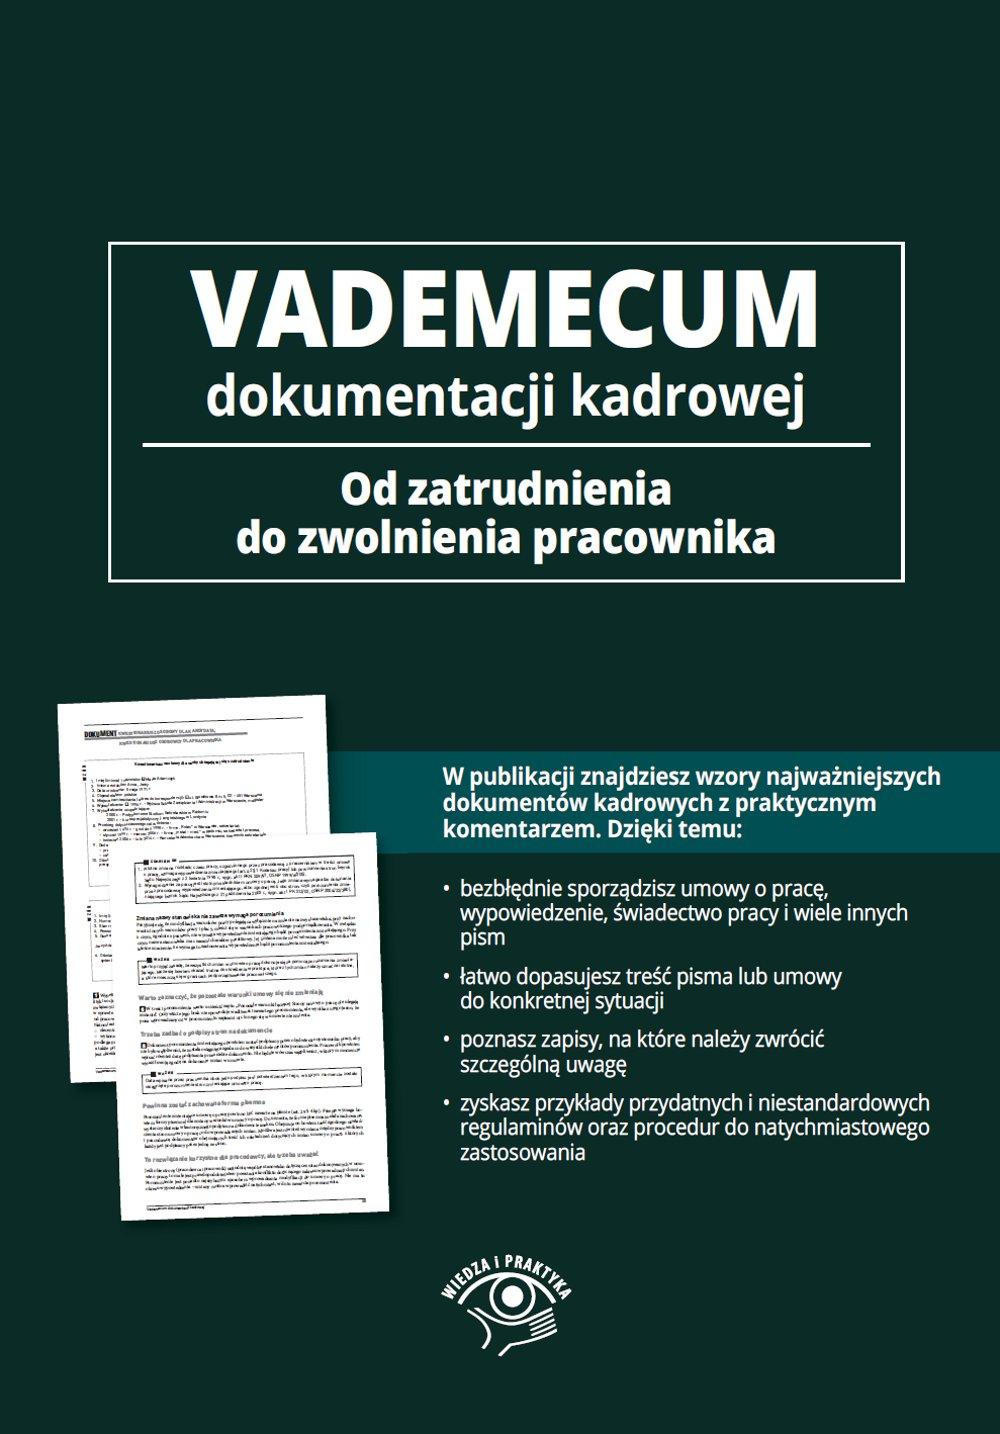 Vademecum dokumentacji kadrowej - od zatrudnienia do zwolnienia pracownika - Ebook (Książka EPUB) do pobrania w formacie EPUB